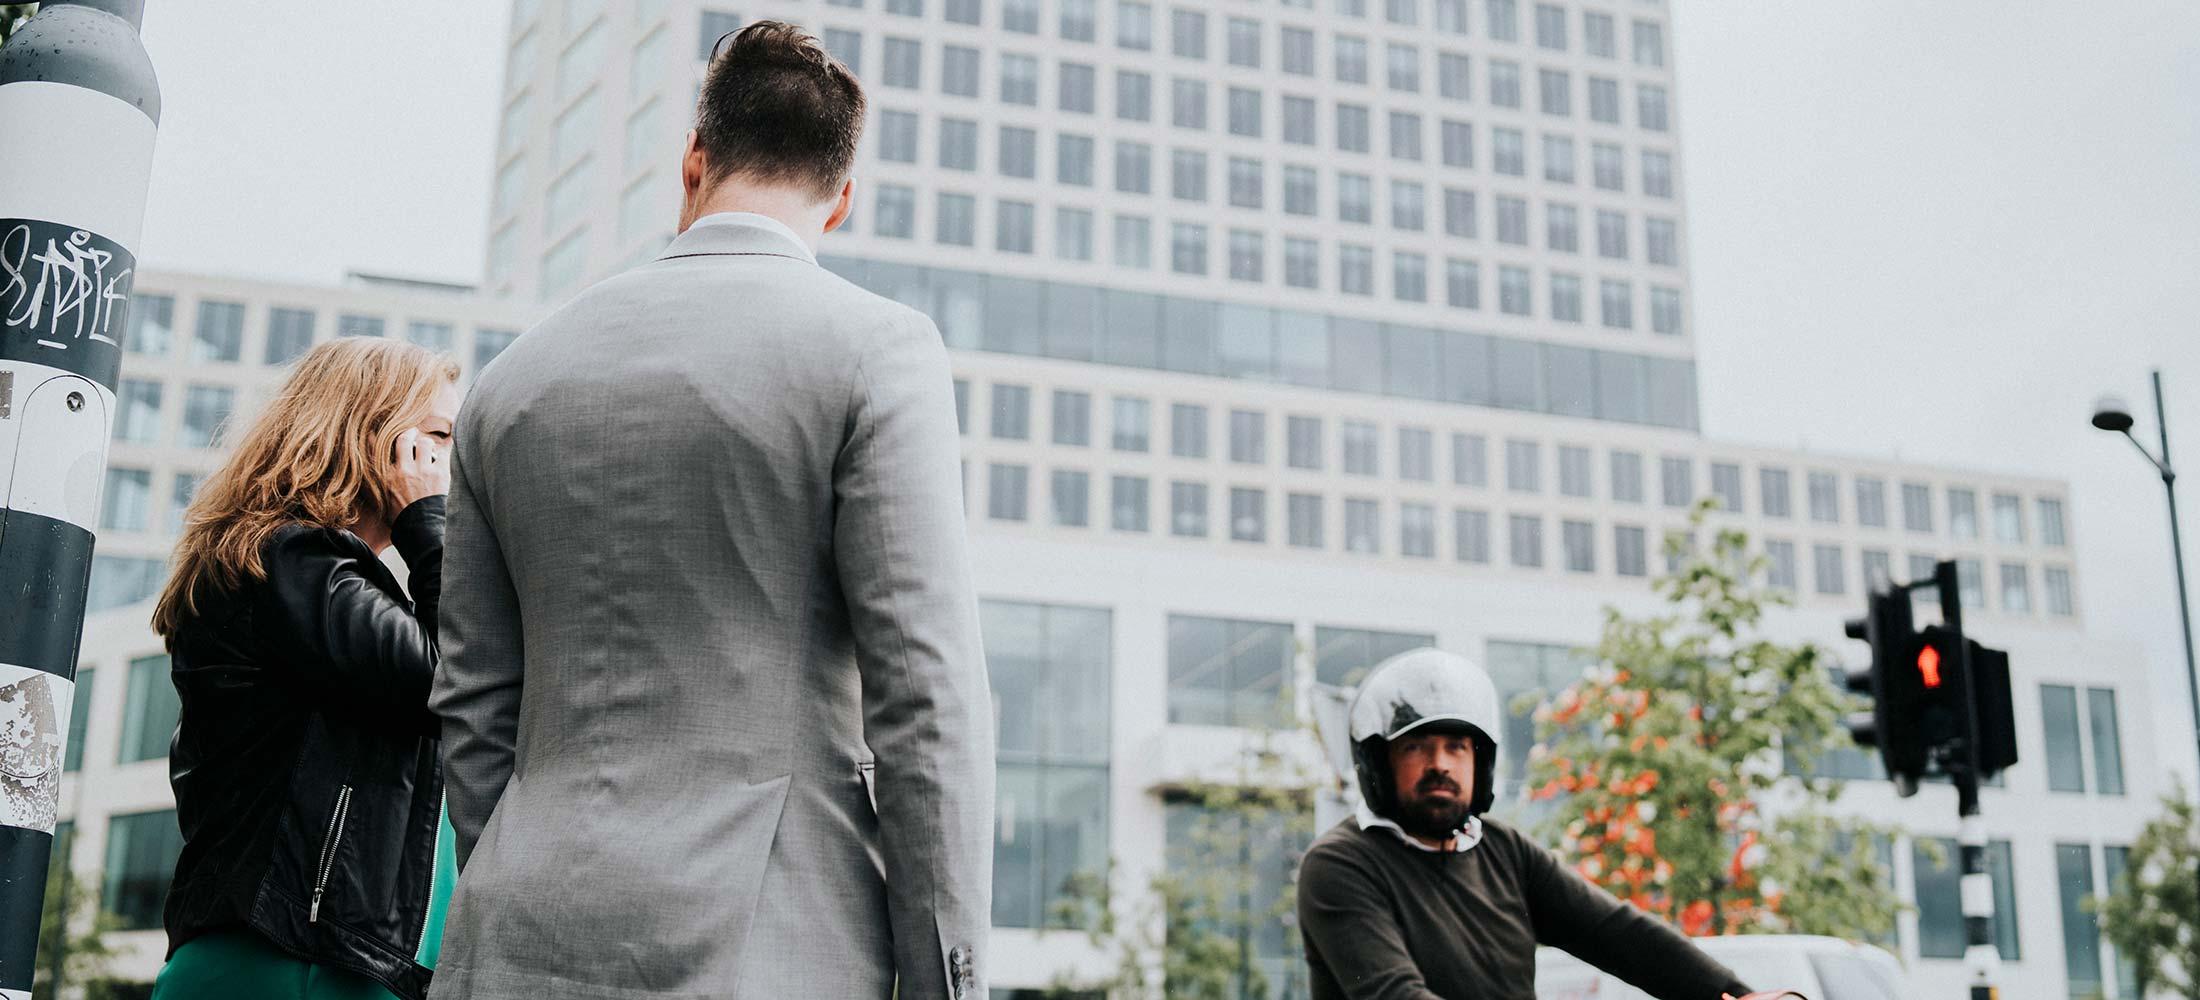 Ben jij slachtoffer geworden van een verkeersongeval? Asselbergs & Klinkhamer Advocaten helpt je graag bij het verkrijgen van de schadevergoeding die je verdient.